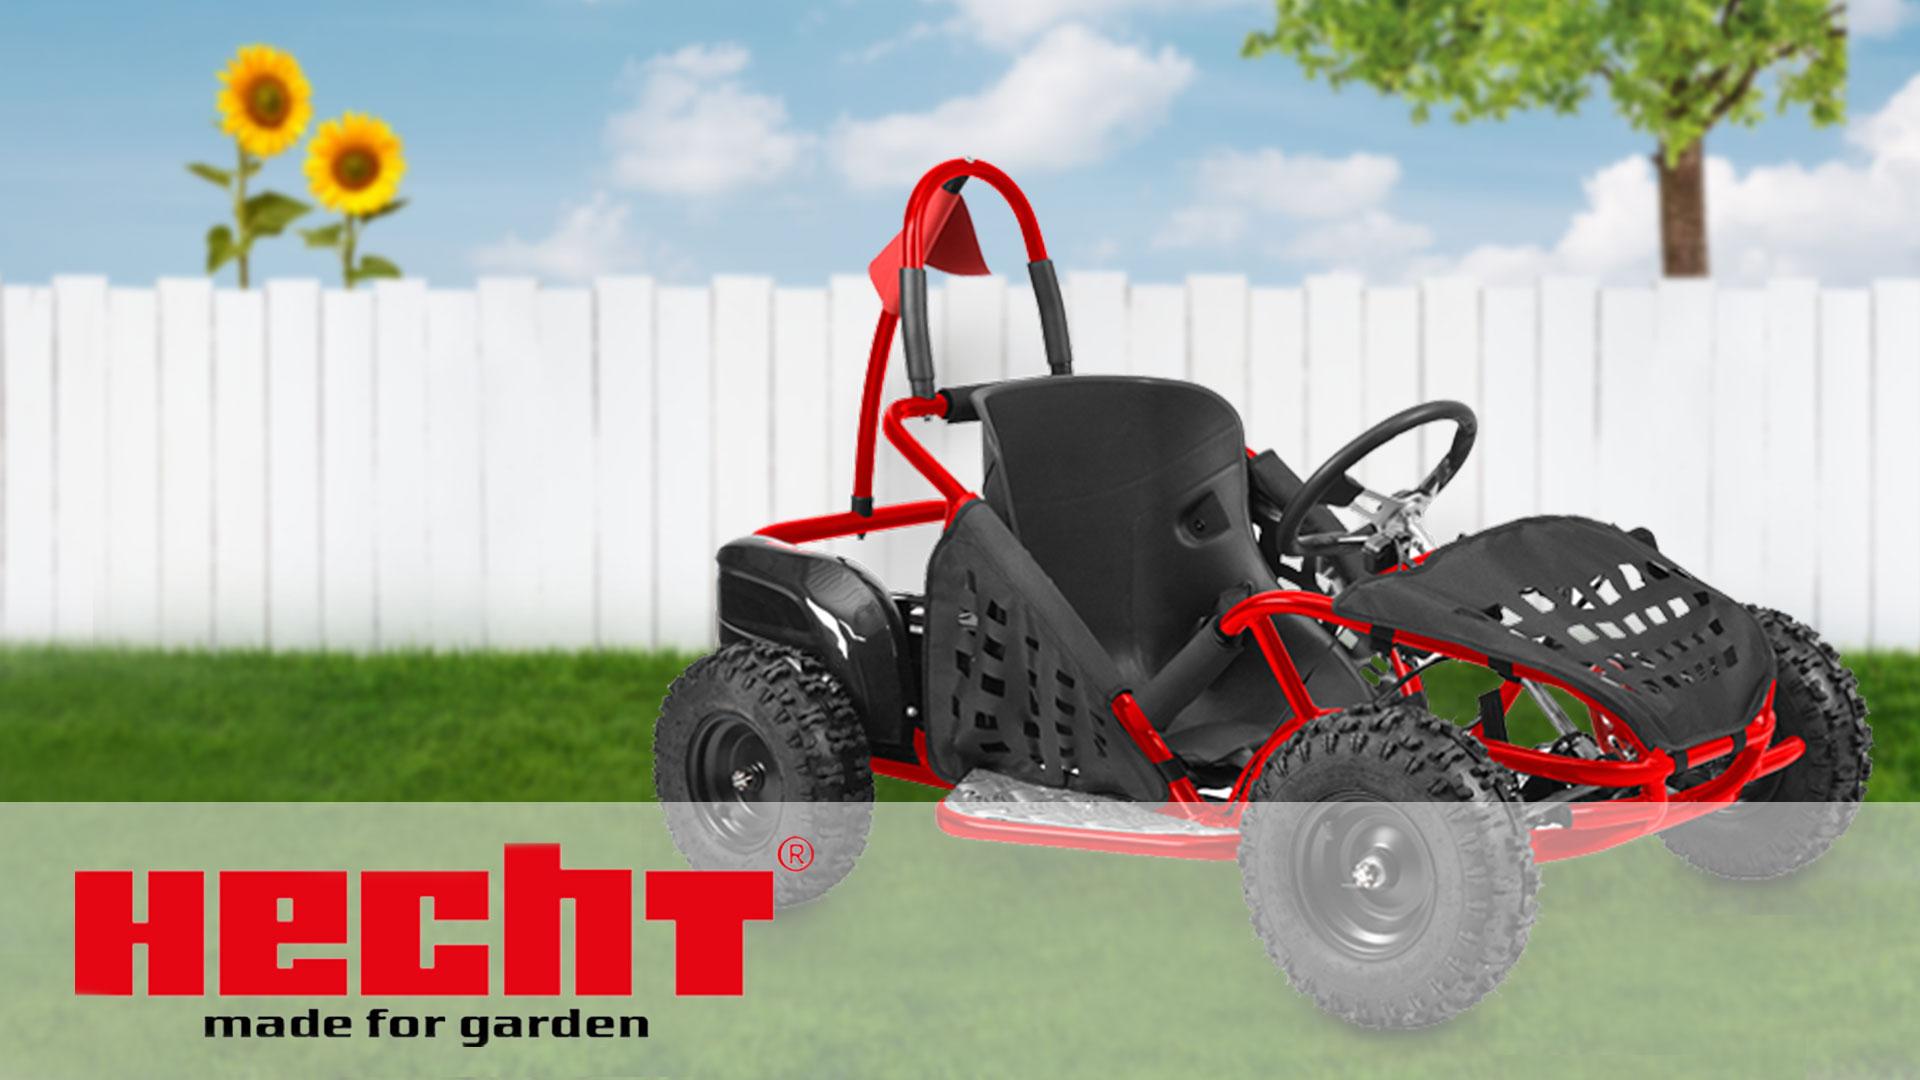 hecht 54812 elektro buggy f r kinder i mit starken. Black Bedroom Furniture Sets. Home Design Ideas